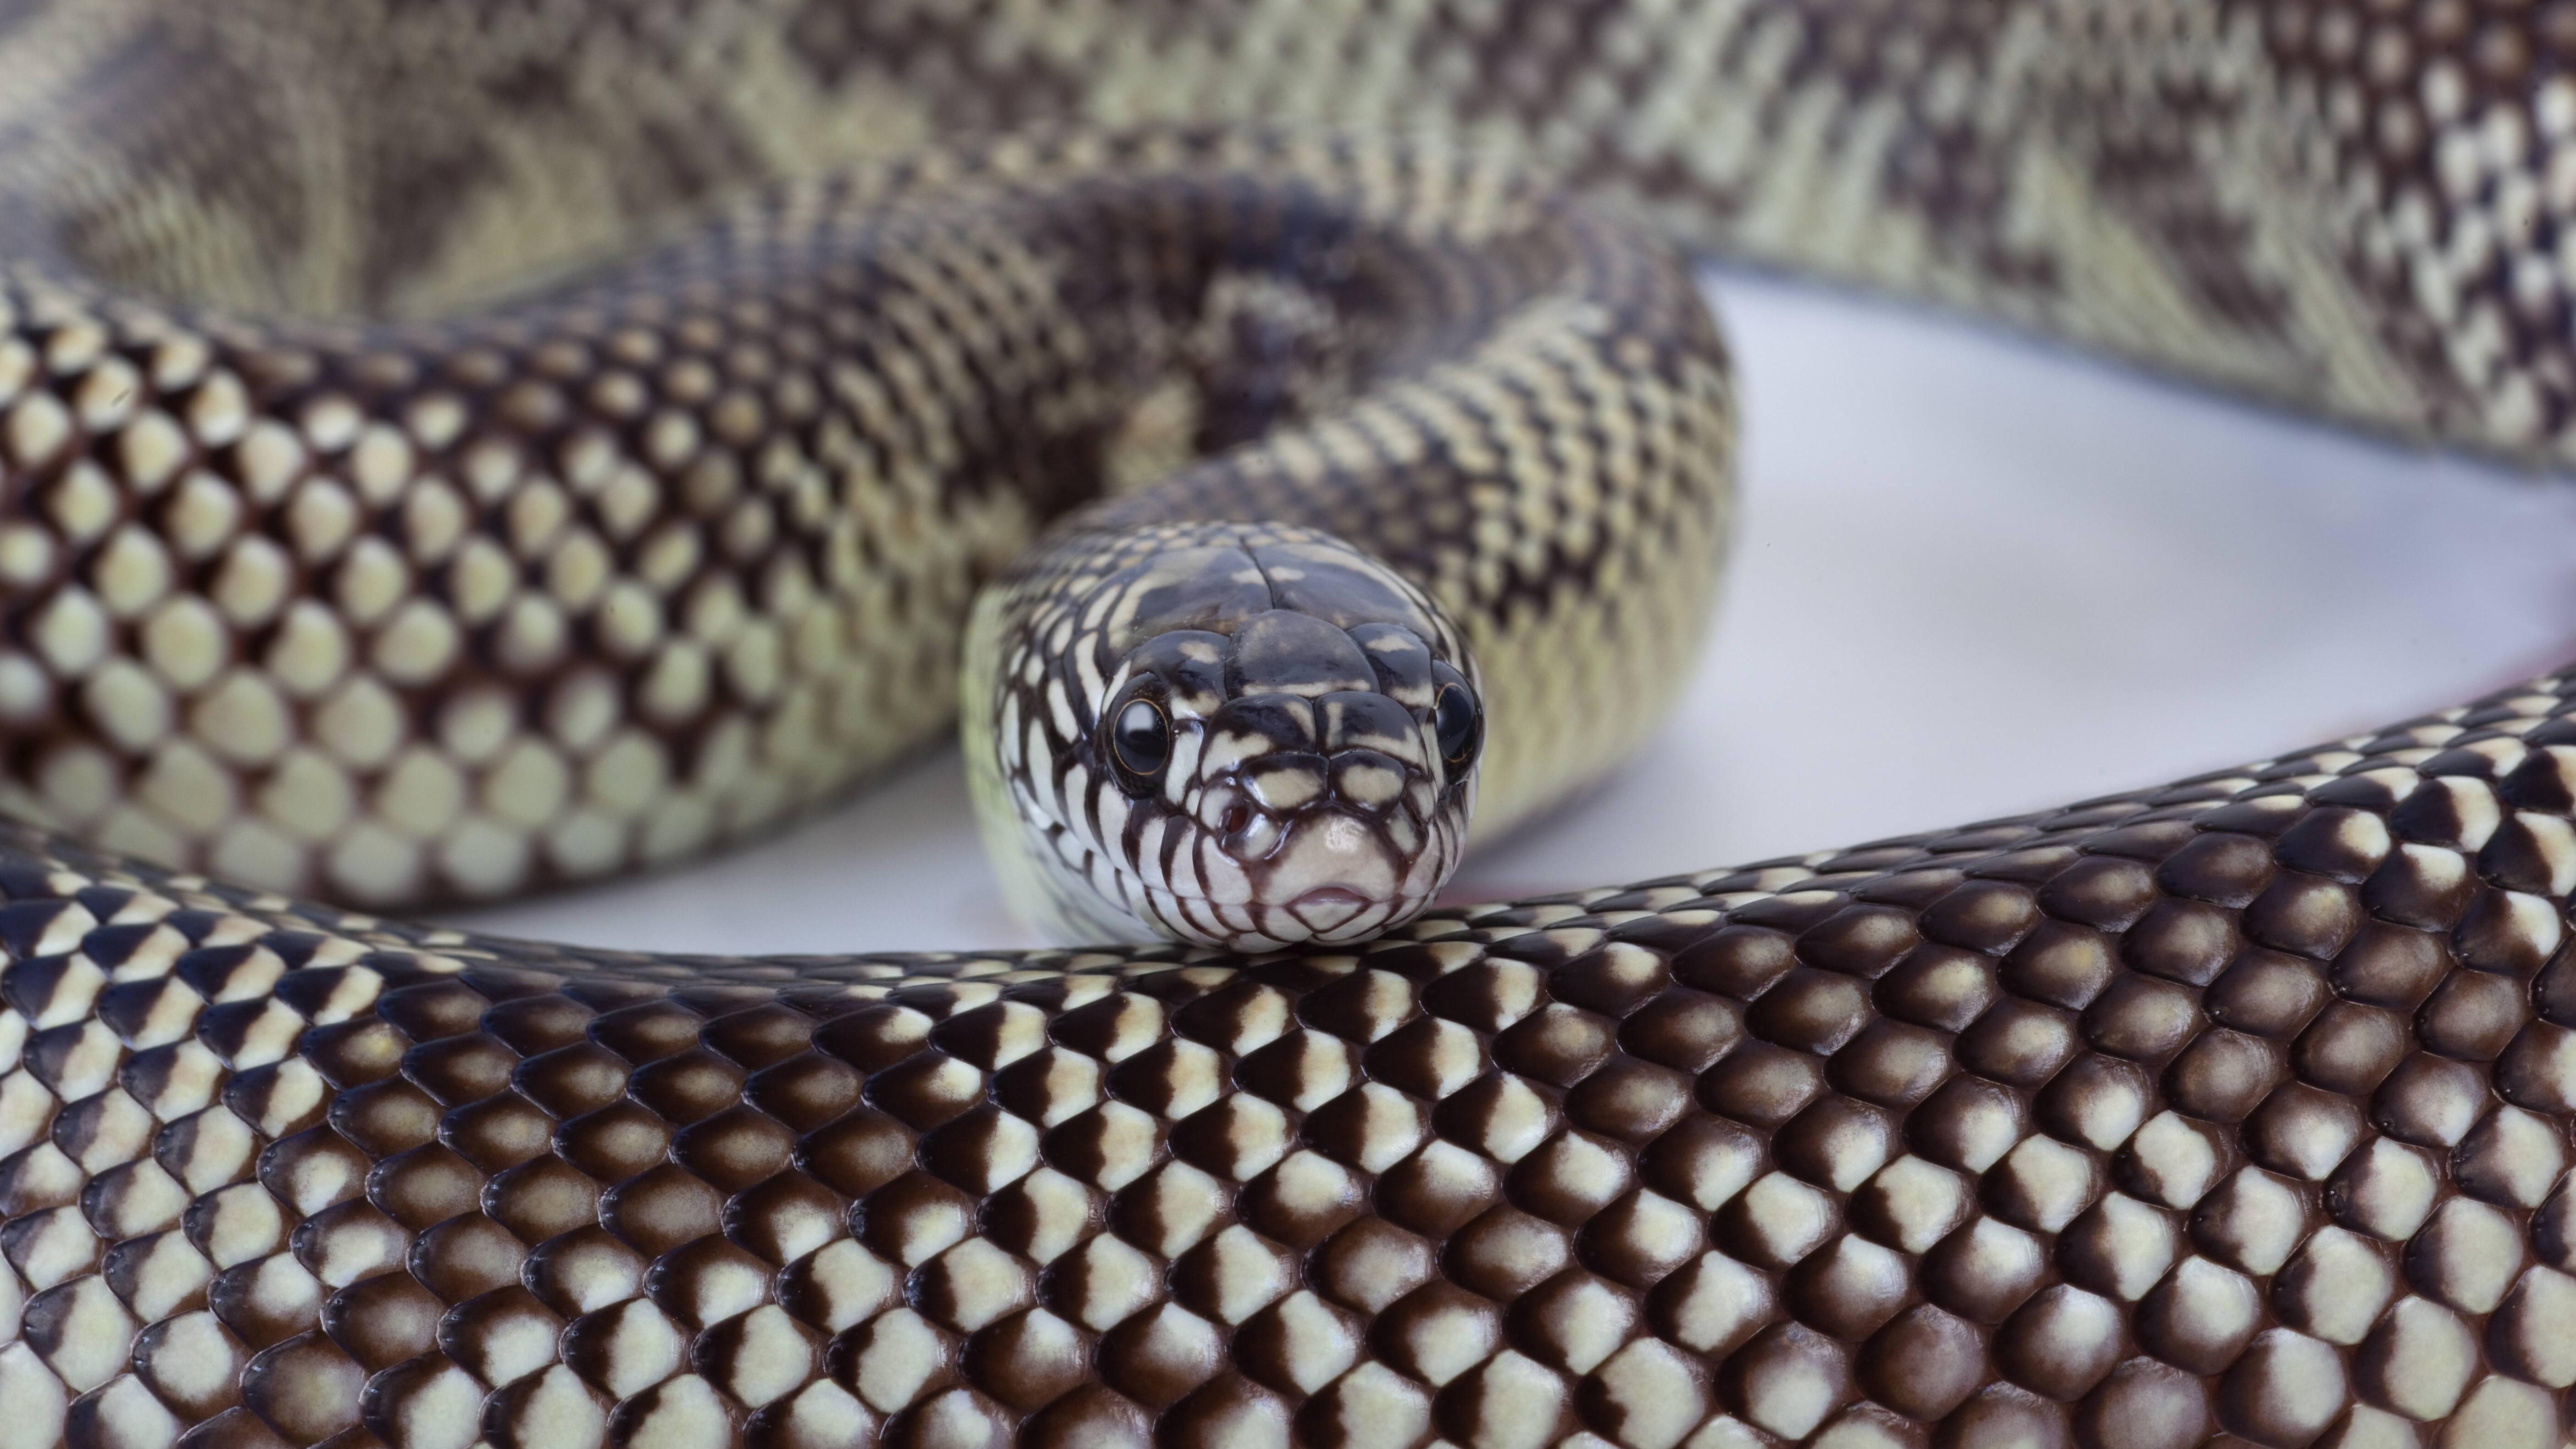 Schlangen-Tattoo: Bedeutung und was hinter dem Trend steckt